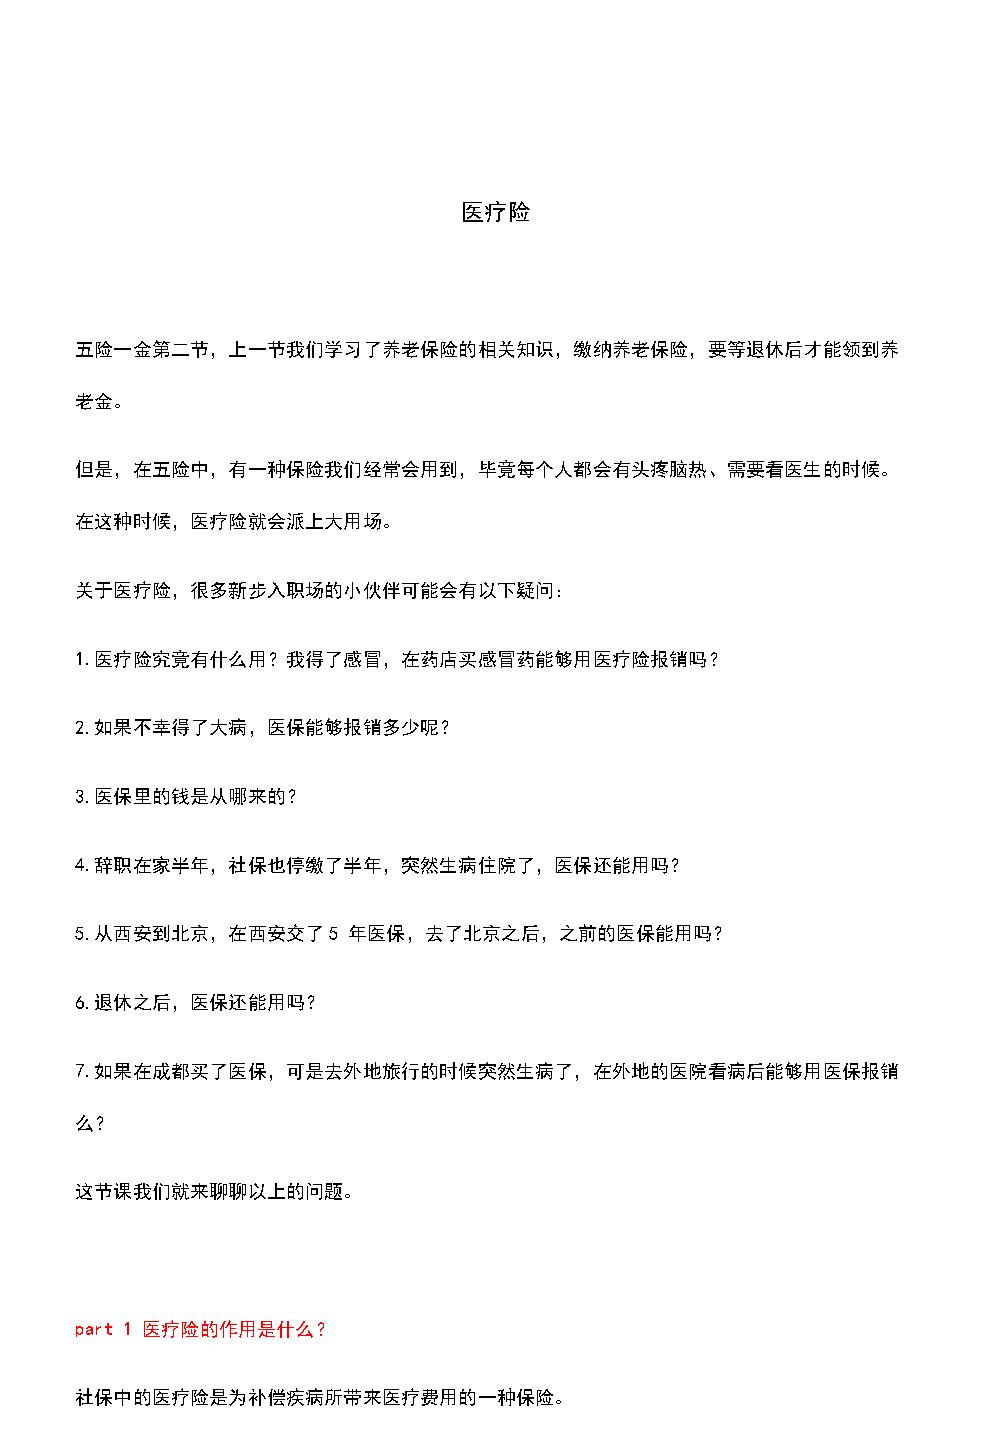 五险一金之医疗险.docx